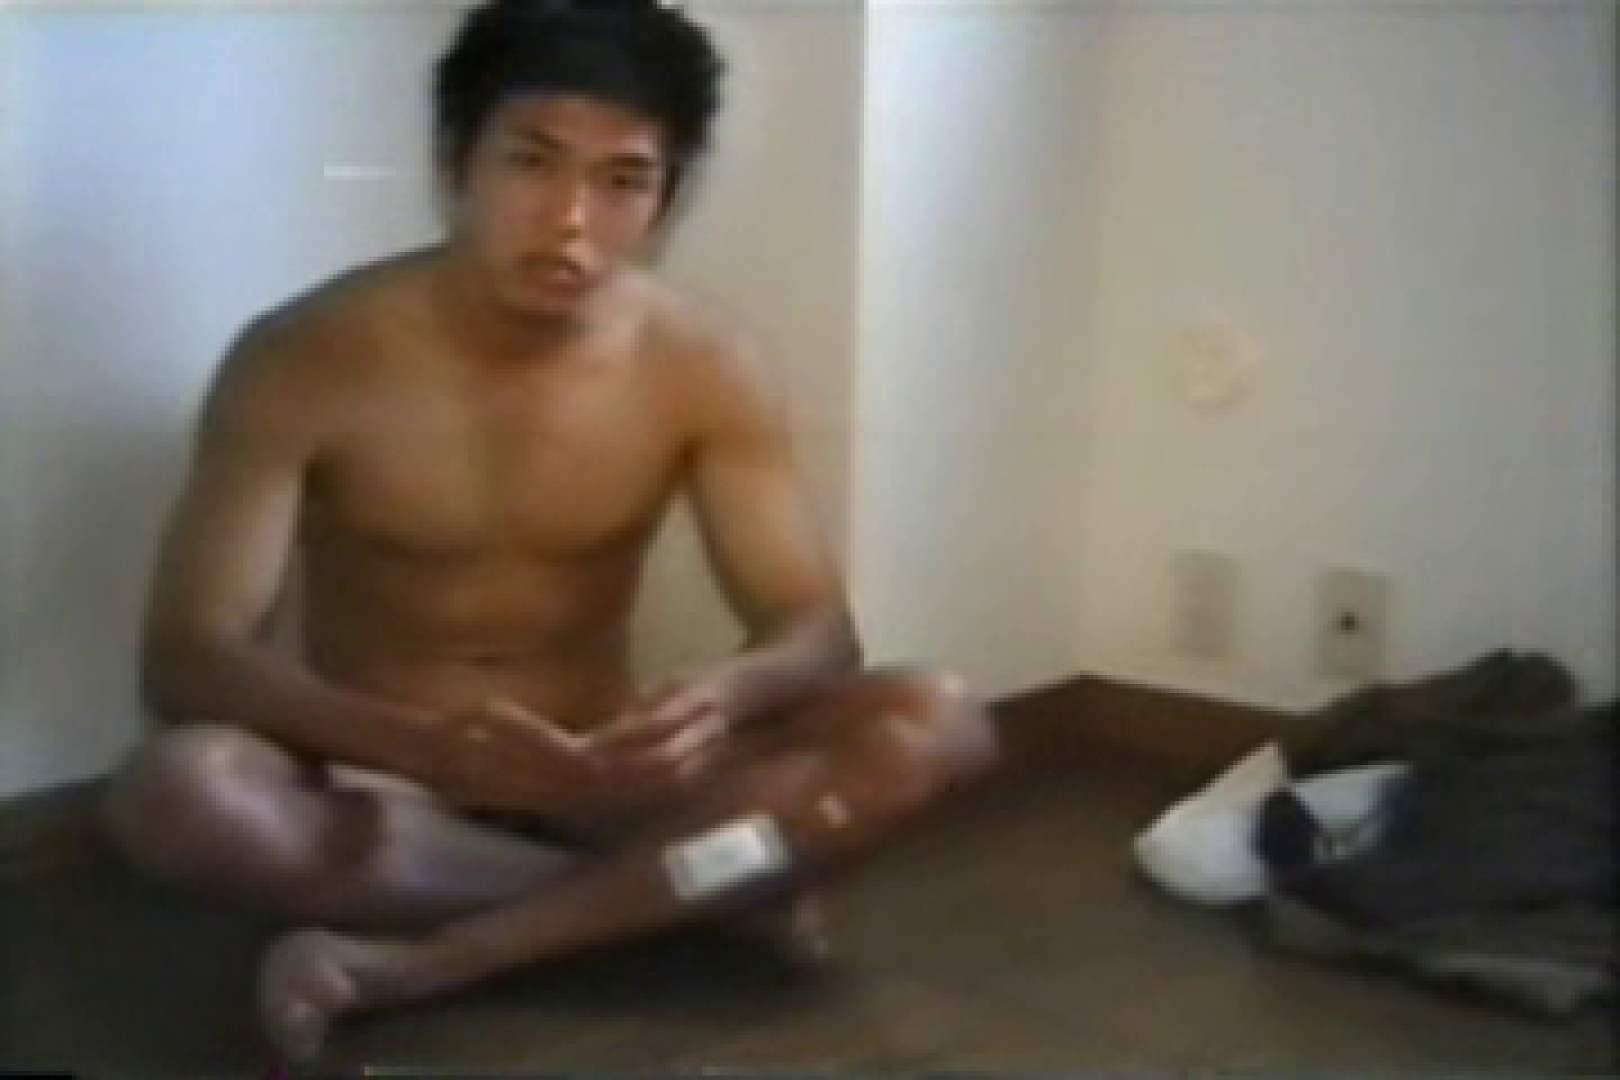 『ノンケ・スポーツマンシップとは・・・! ! 』 第1戦 ゲイのオナニー映像 ペニス画像 65枚 2